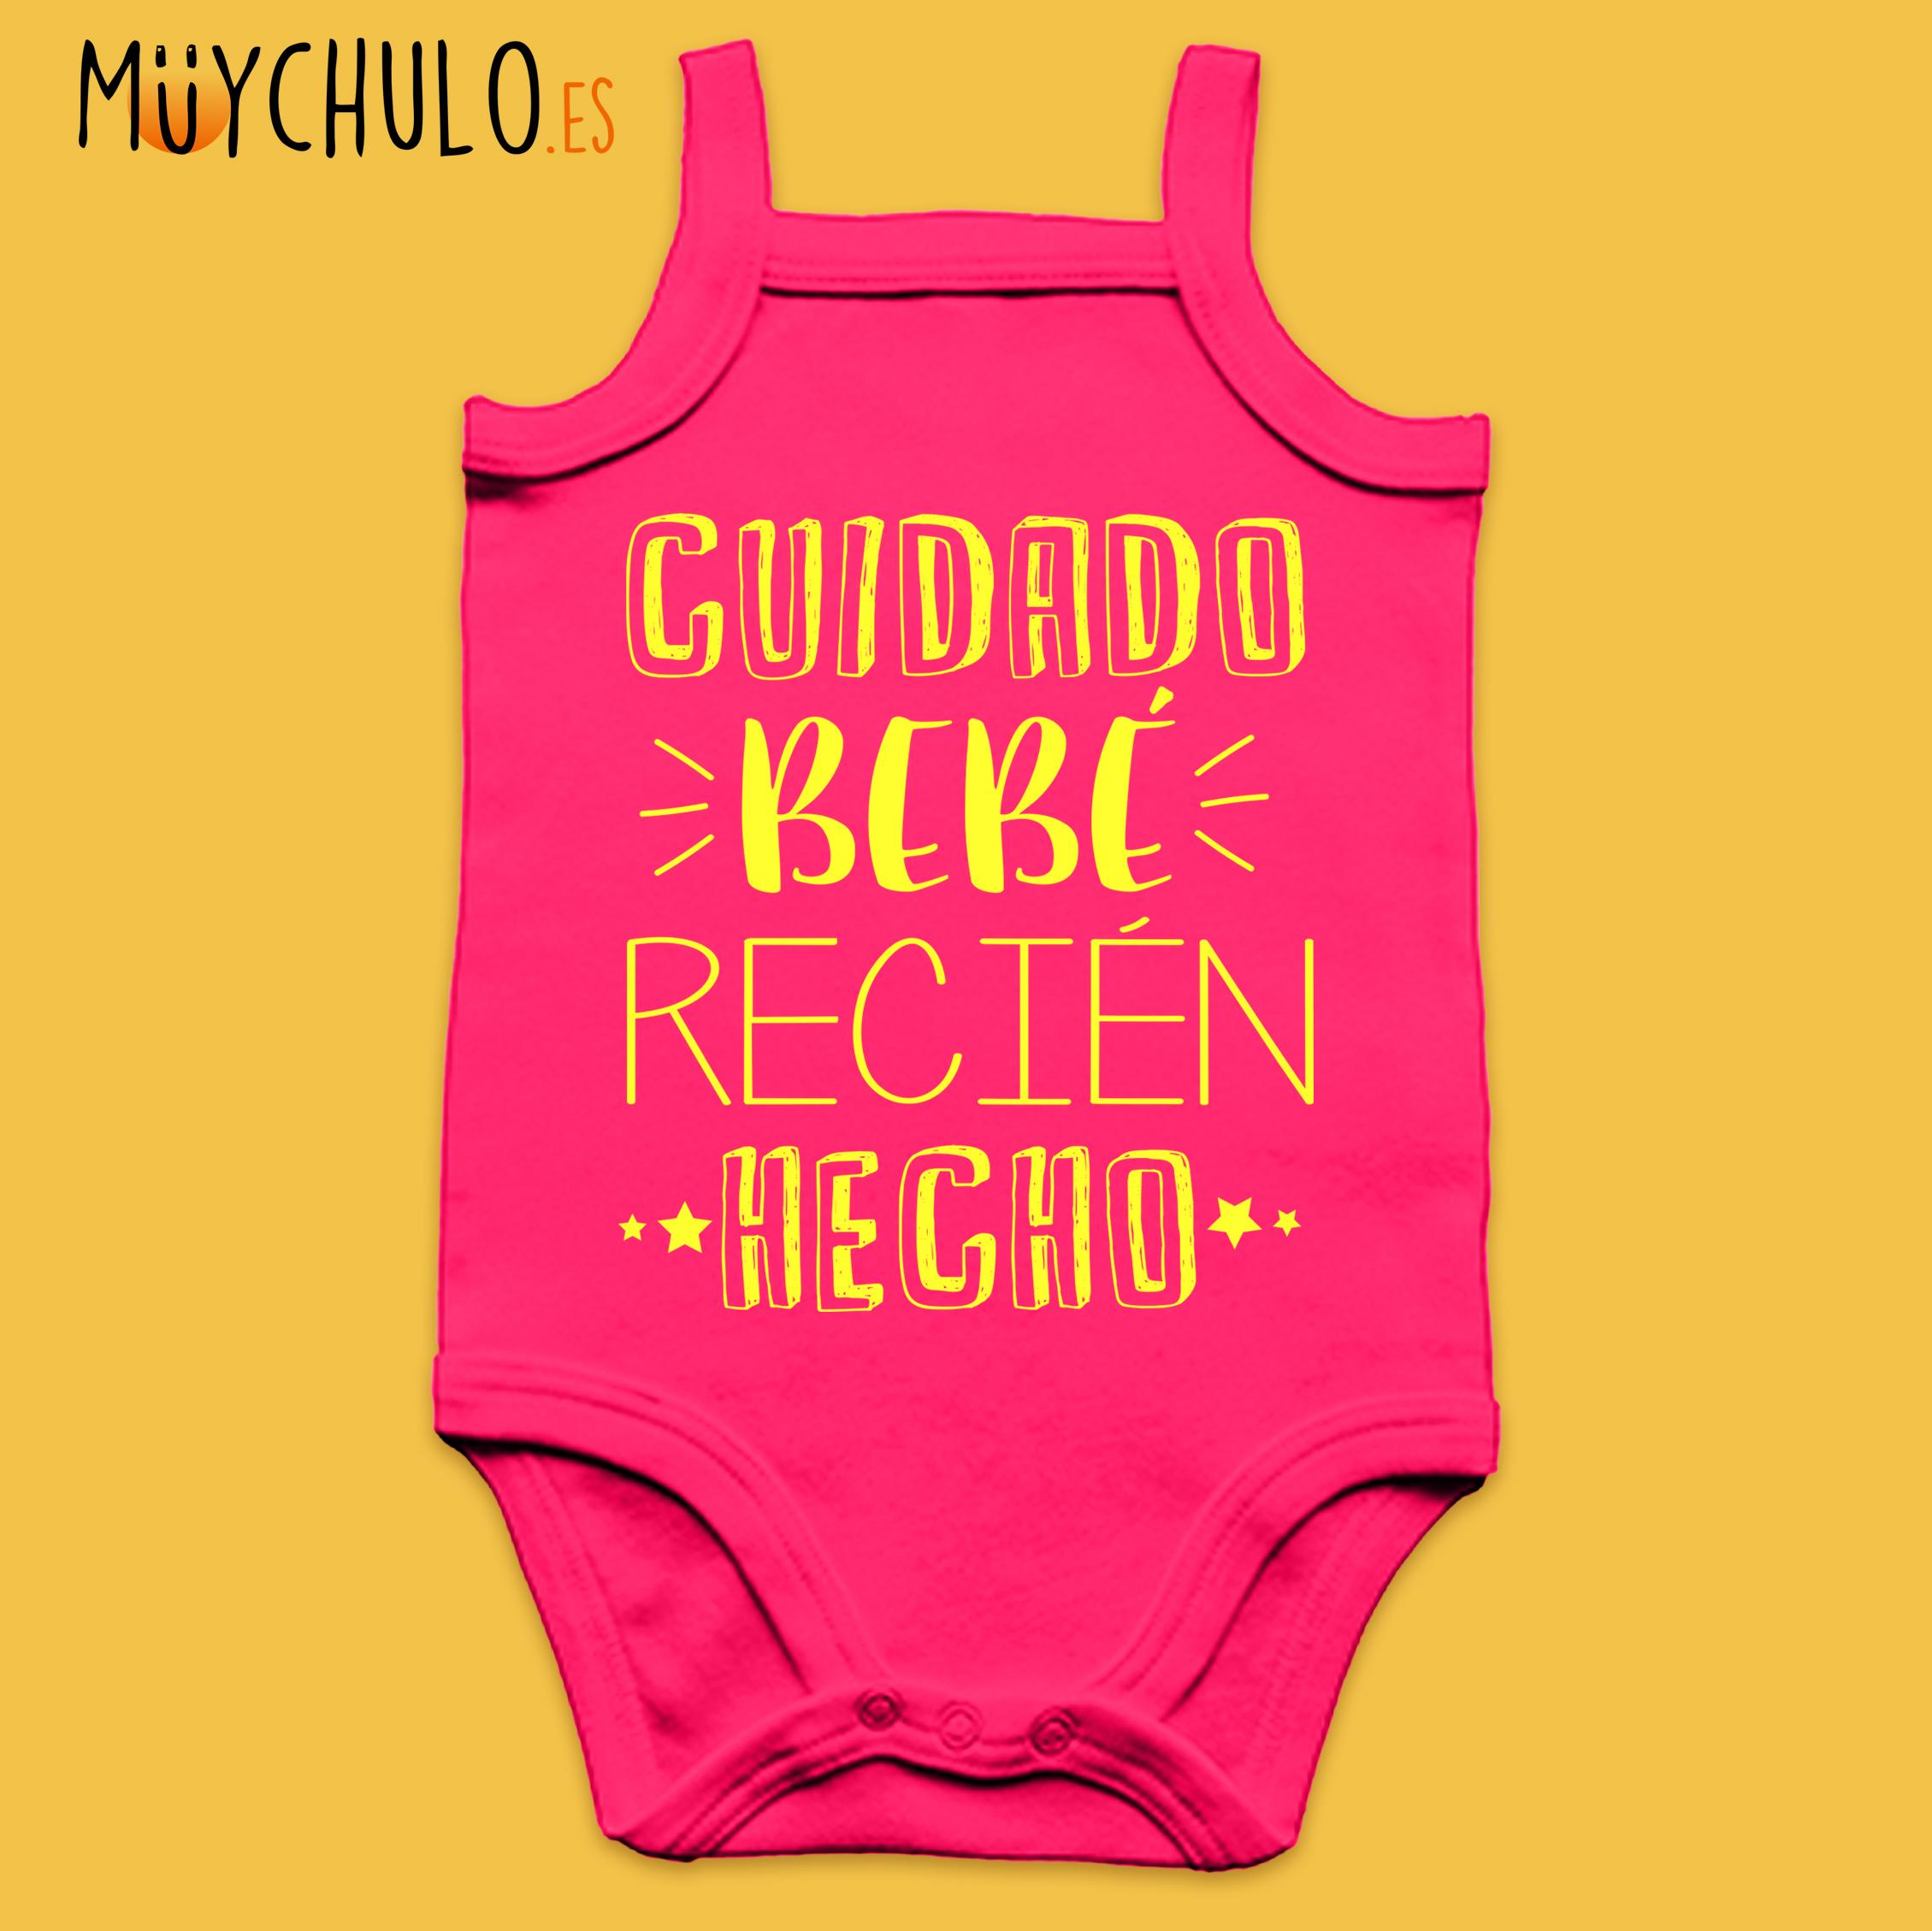 23db53d93 Body de tirantes CUIDADO bebé recién hecho! - MuyChulo Regalos ...